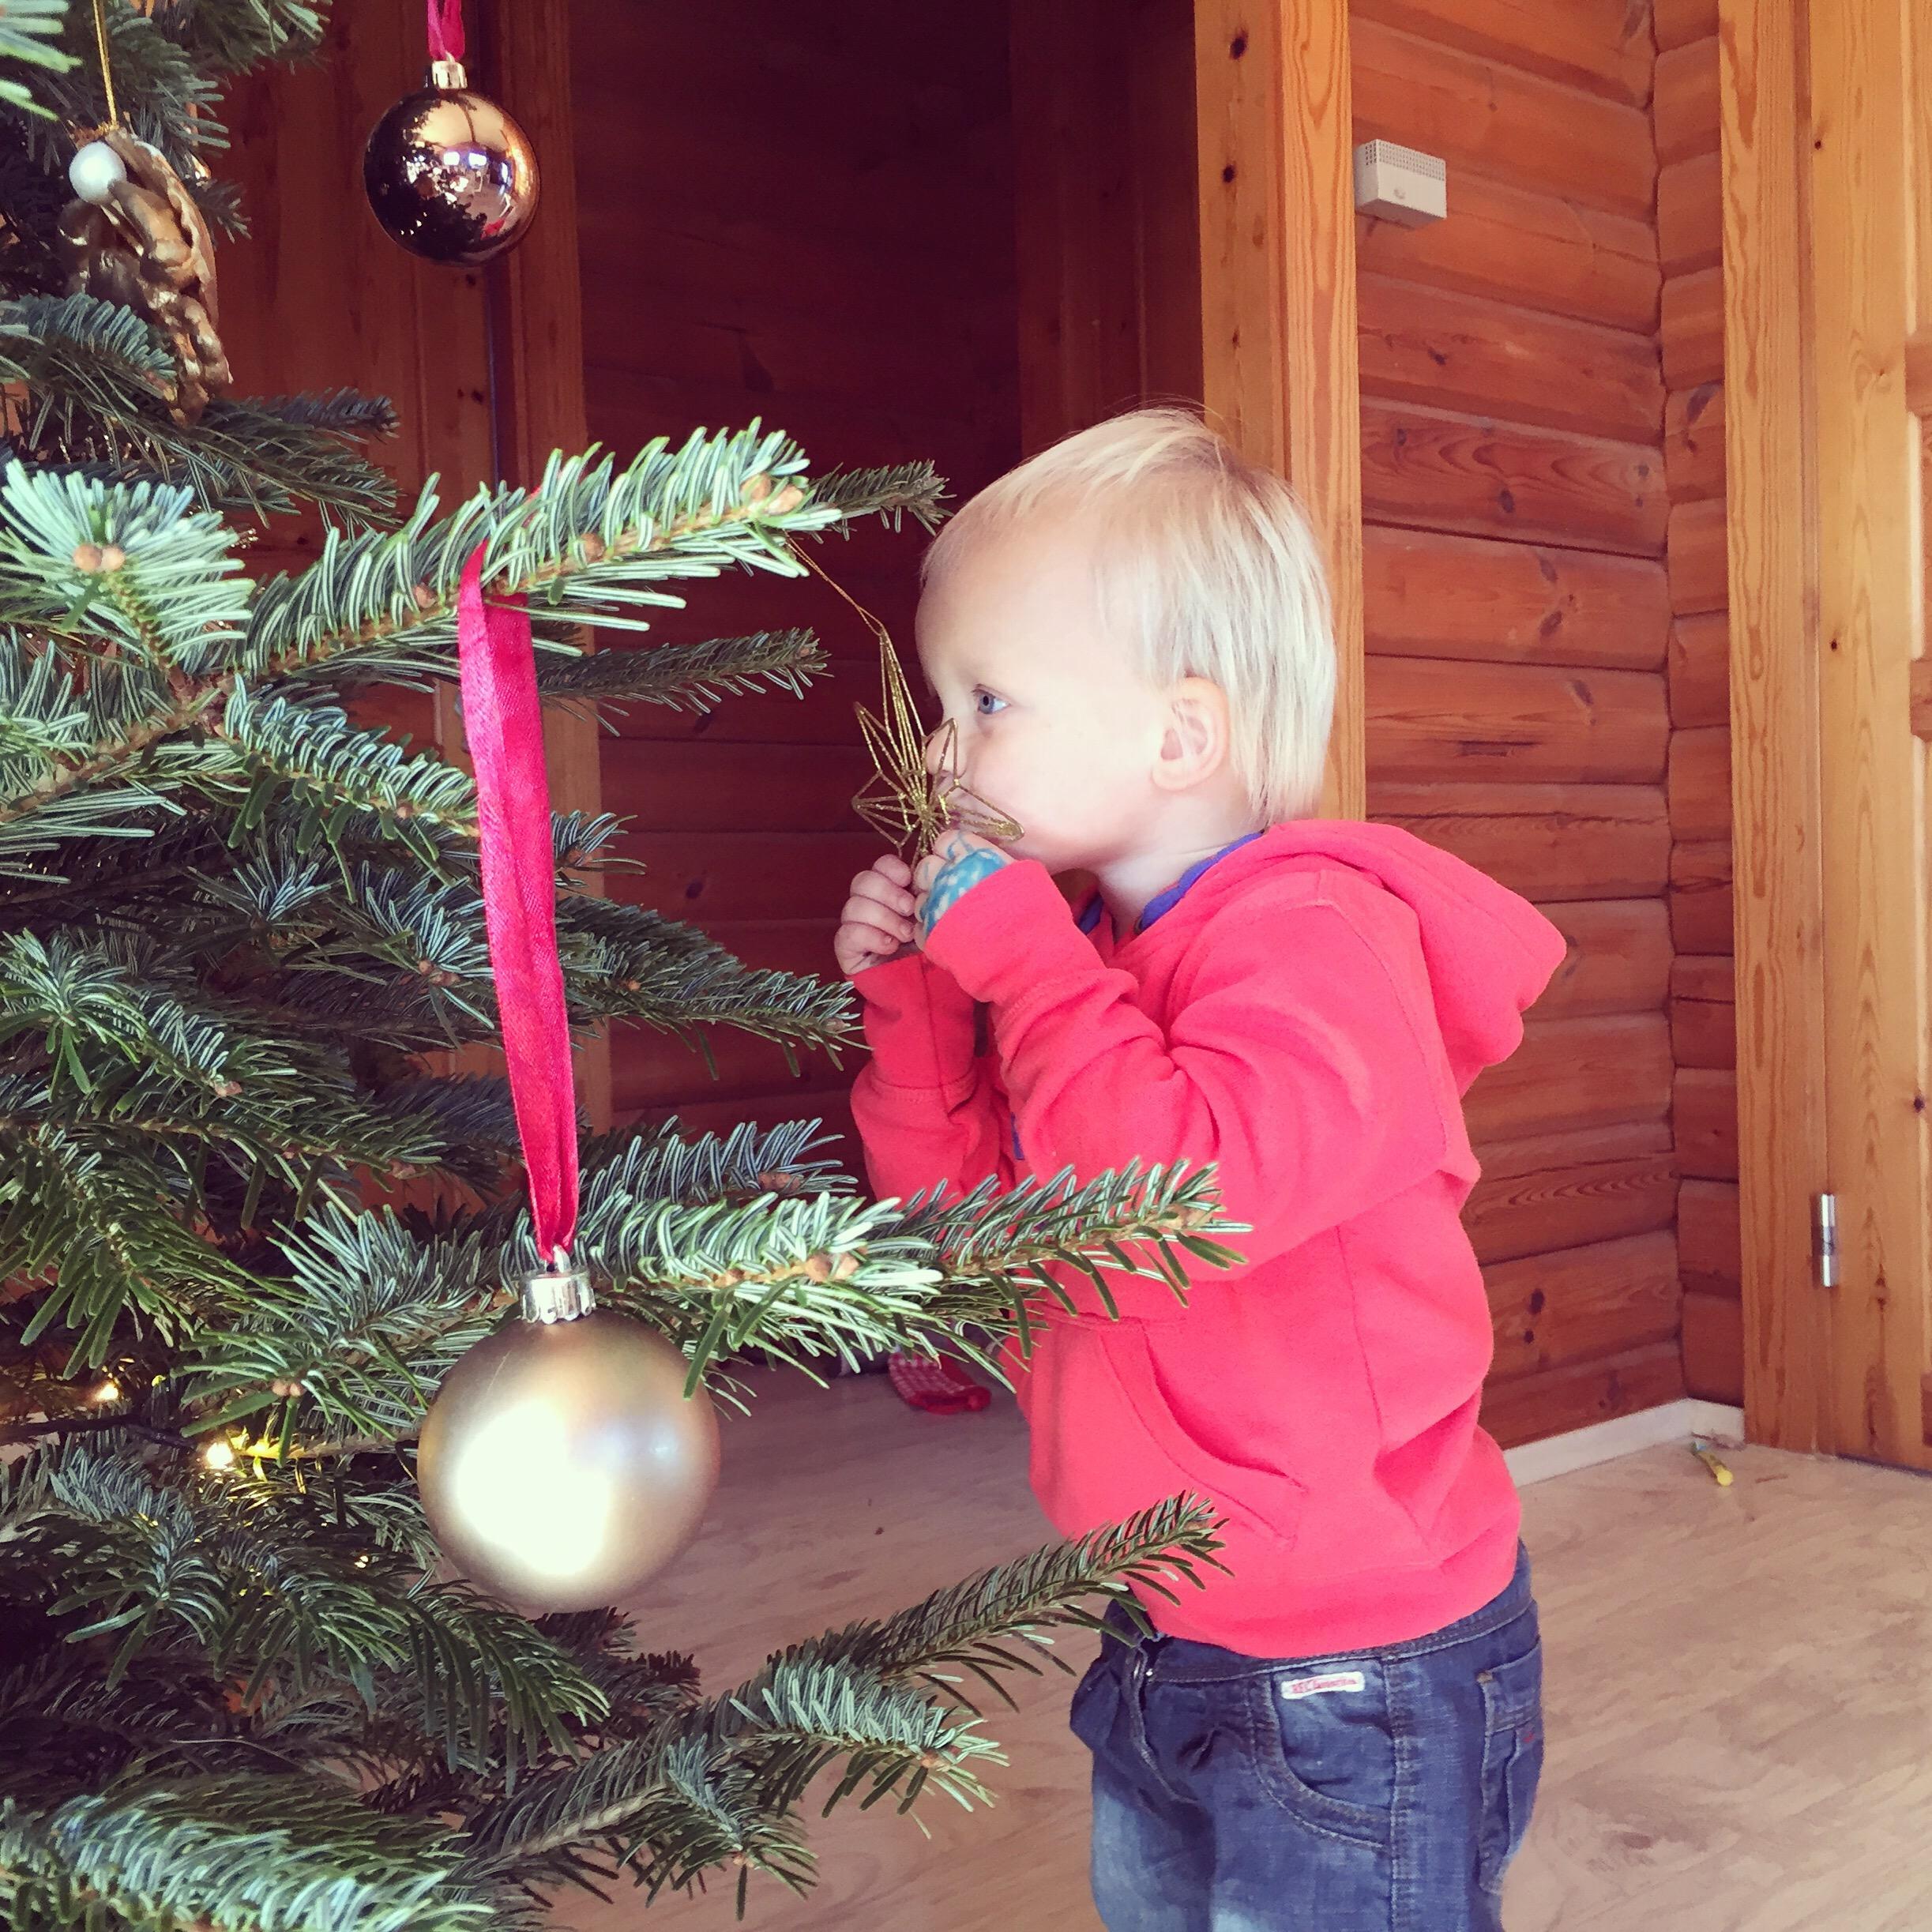 Die kerstboom weet wat. Iedere kerstbal wordt gekust en als Liza naar buiten of naar bed gaat, dan wordt iedere bal gedag gezegd. Schattig.